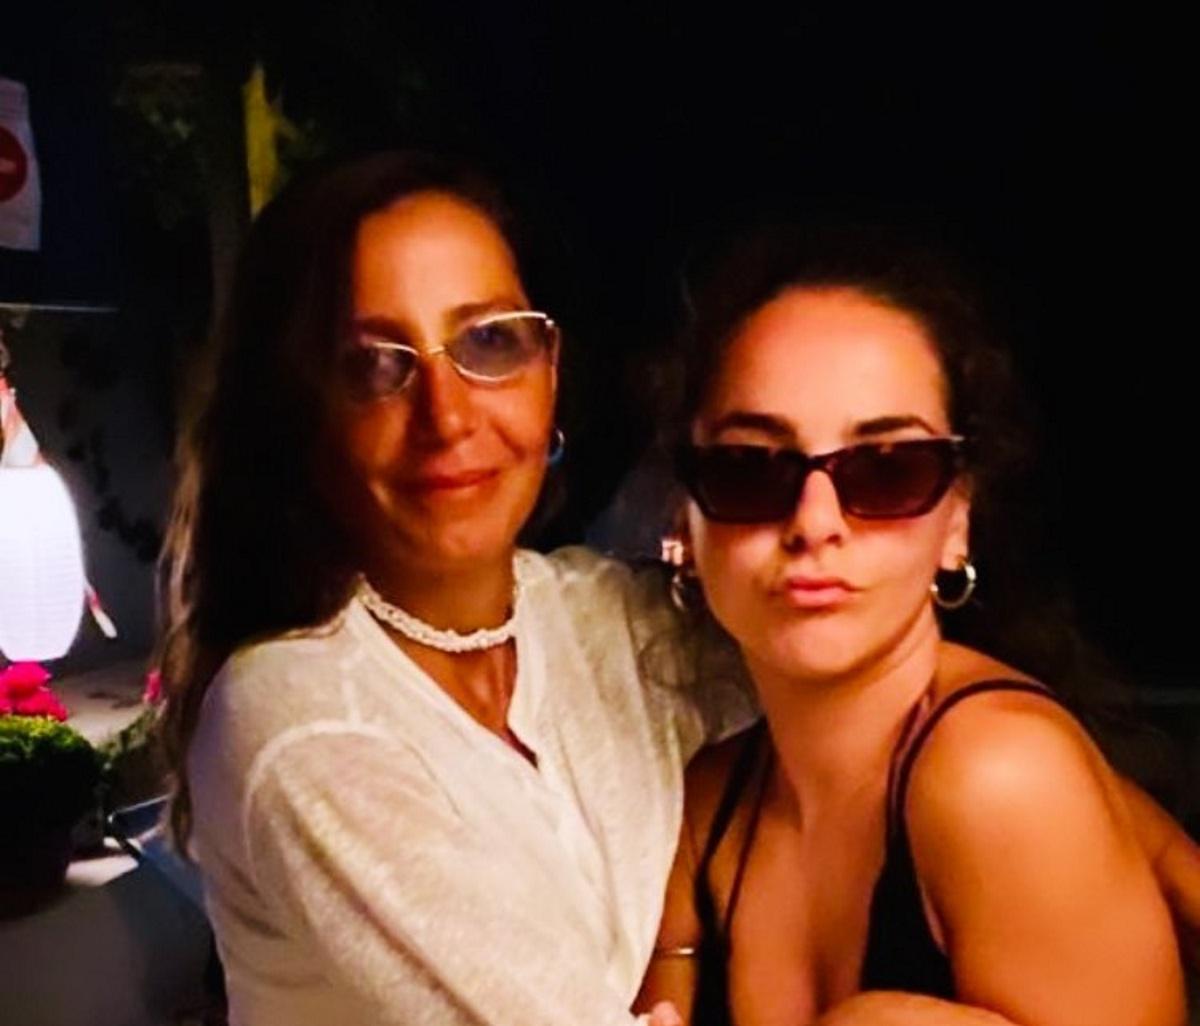 Μαρία Ελένη Λυκουρέζου: Φιλιά και αγκαλιές με την ανιψιά της Ζένια Μπονάτσου στη Μύκονο! [pics]